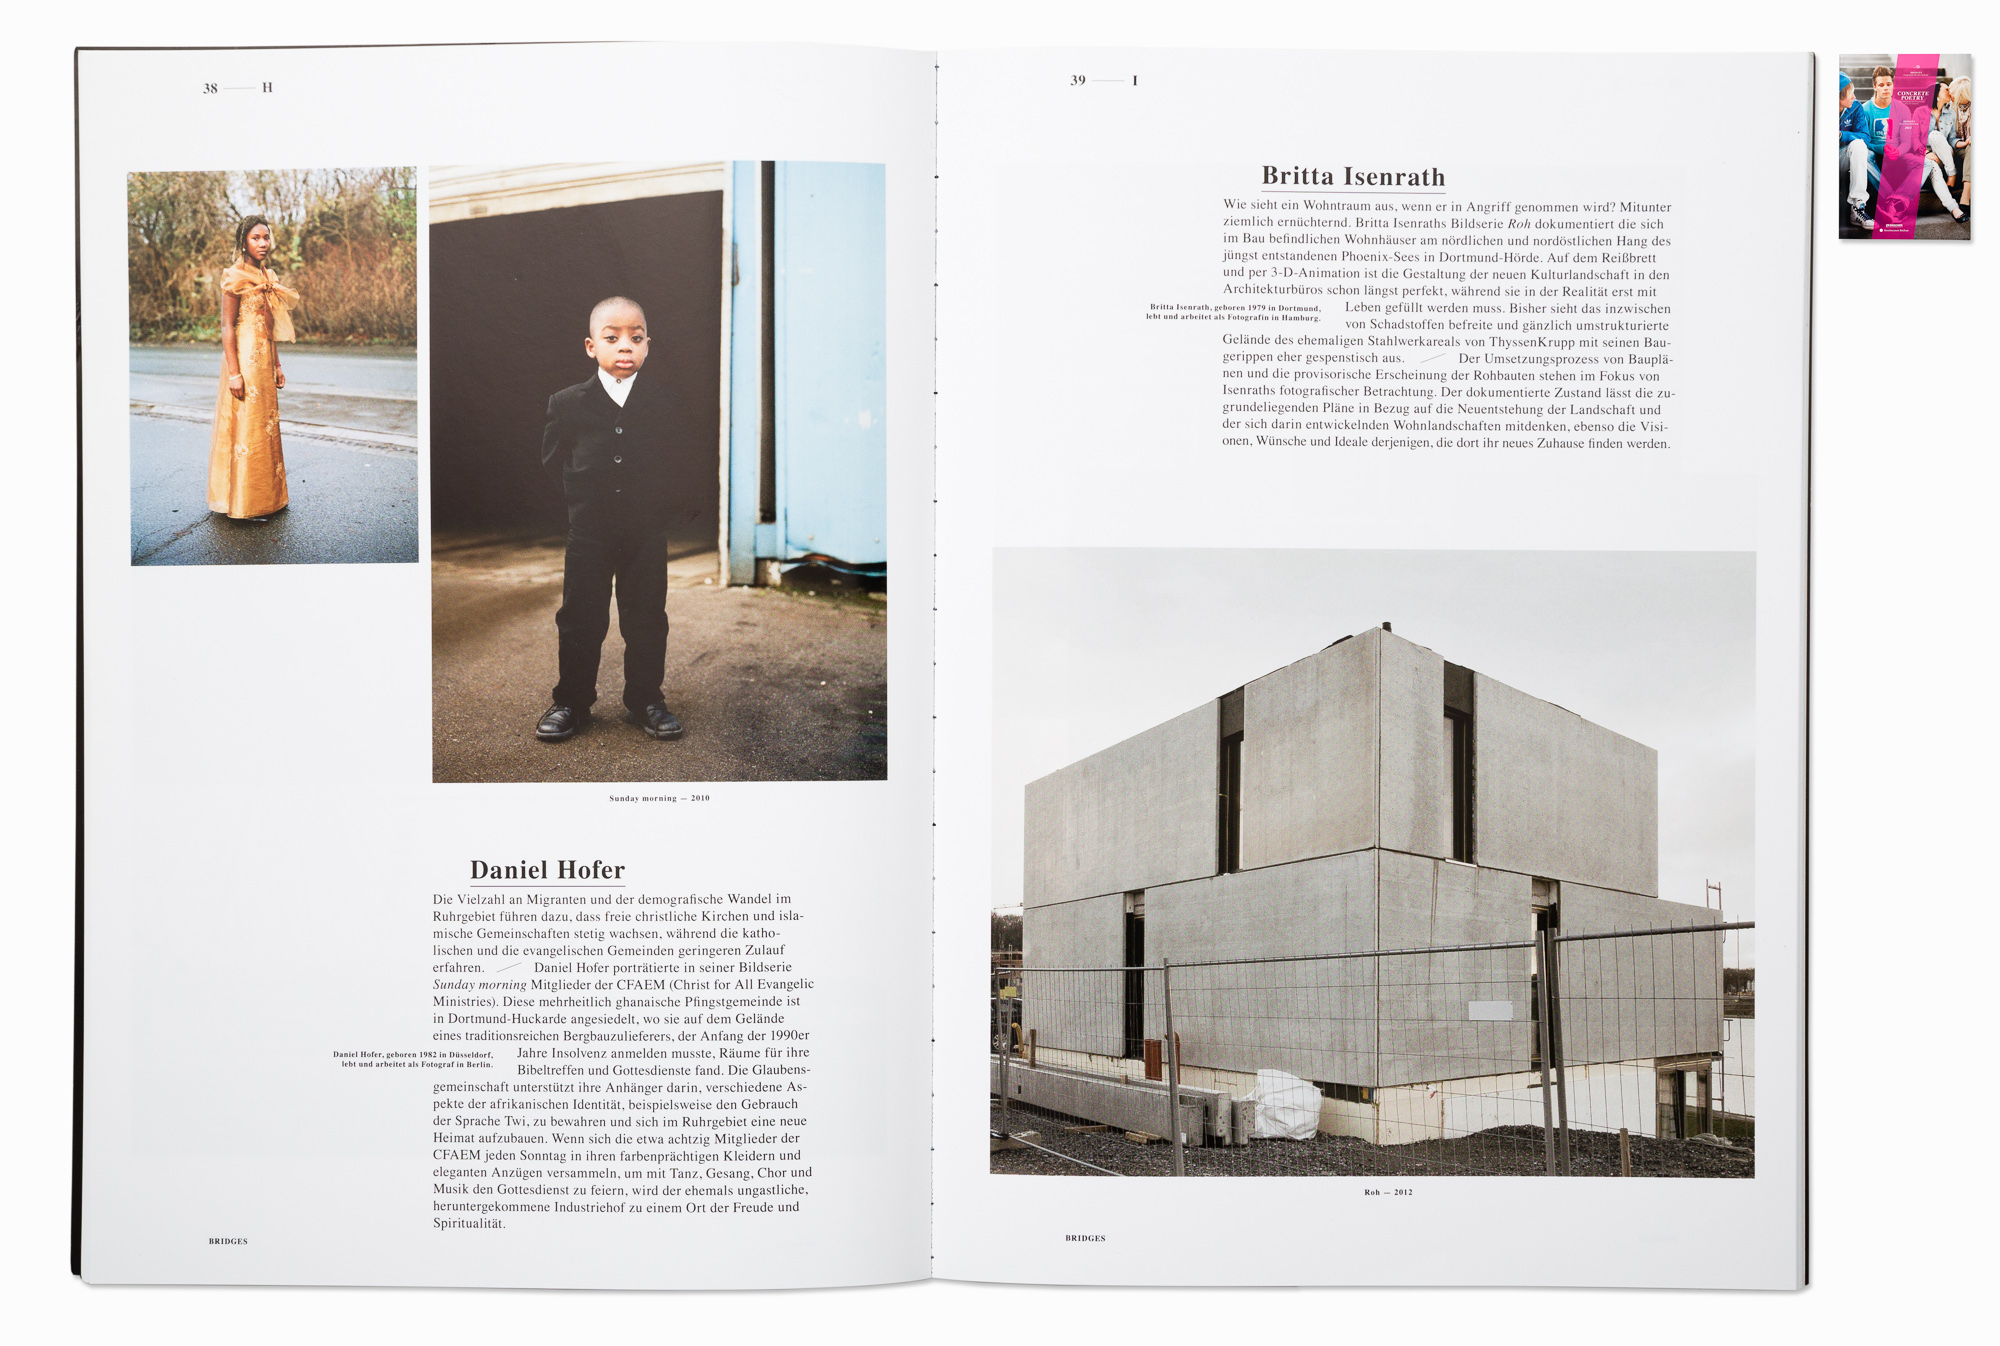 Concrete poetry, exhibition catalogue, Kunstmuseum Bochum, 2013